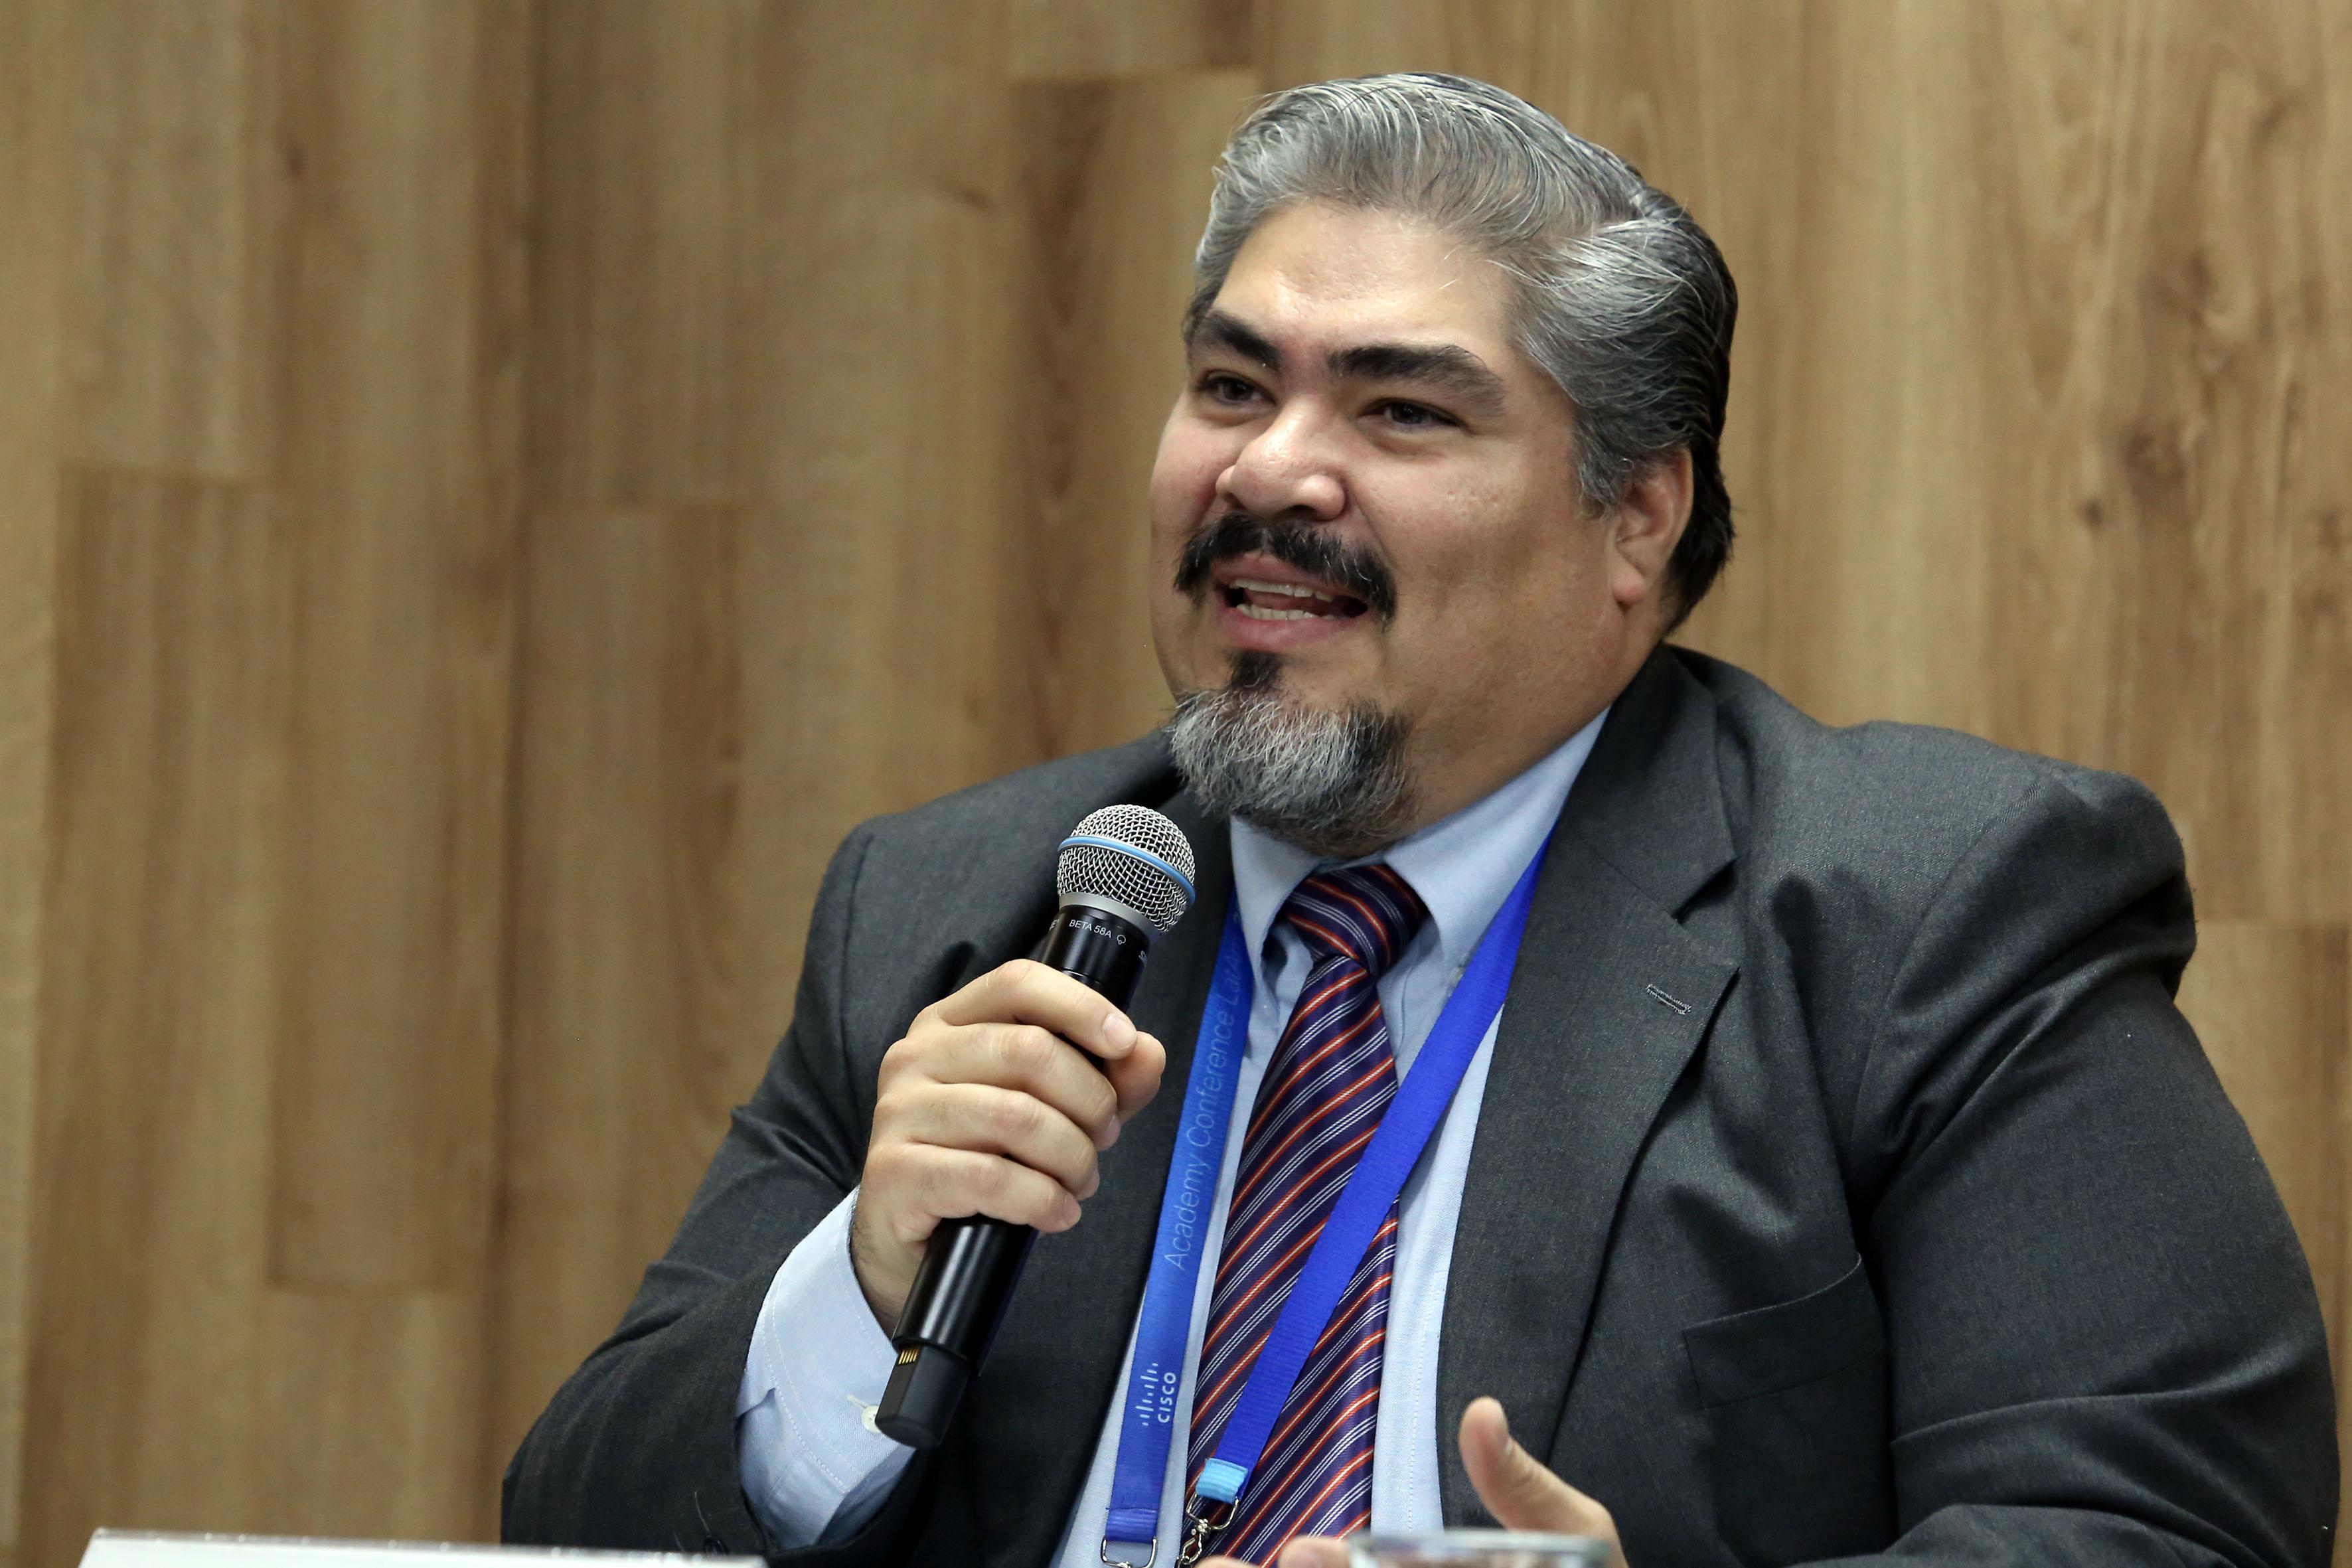 Ingeniero Alejandro Martínez Varela, coordinador del área de Diseño de la CGTI; con micrófono en mano, haciendo uso de la palabra, durante rueda de prensa.